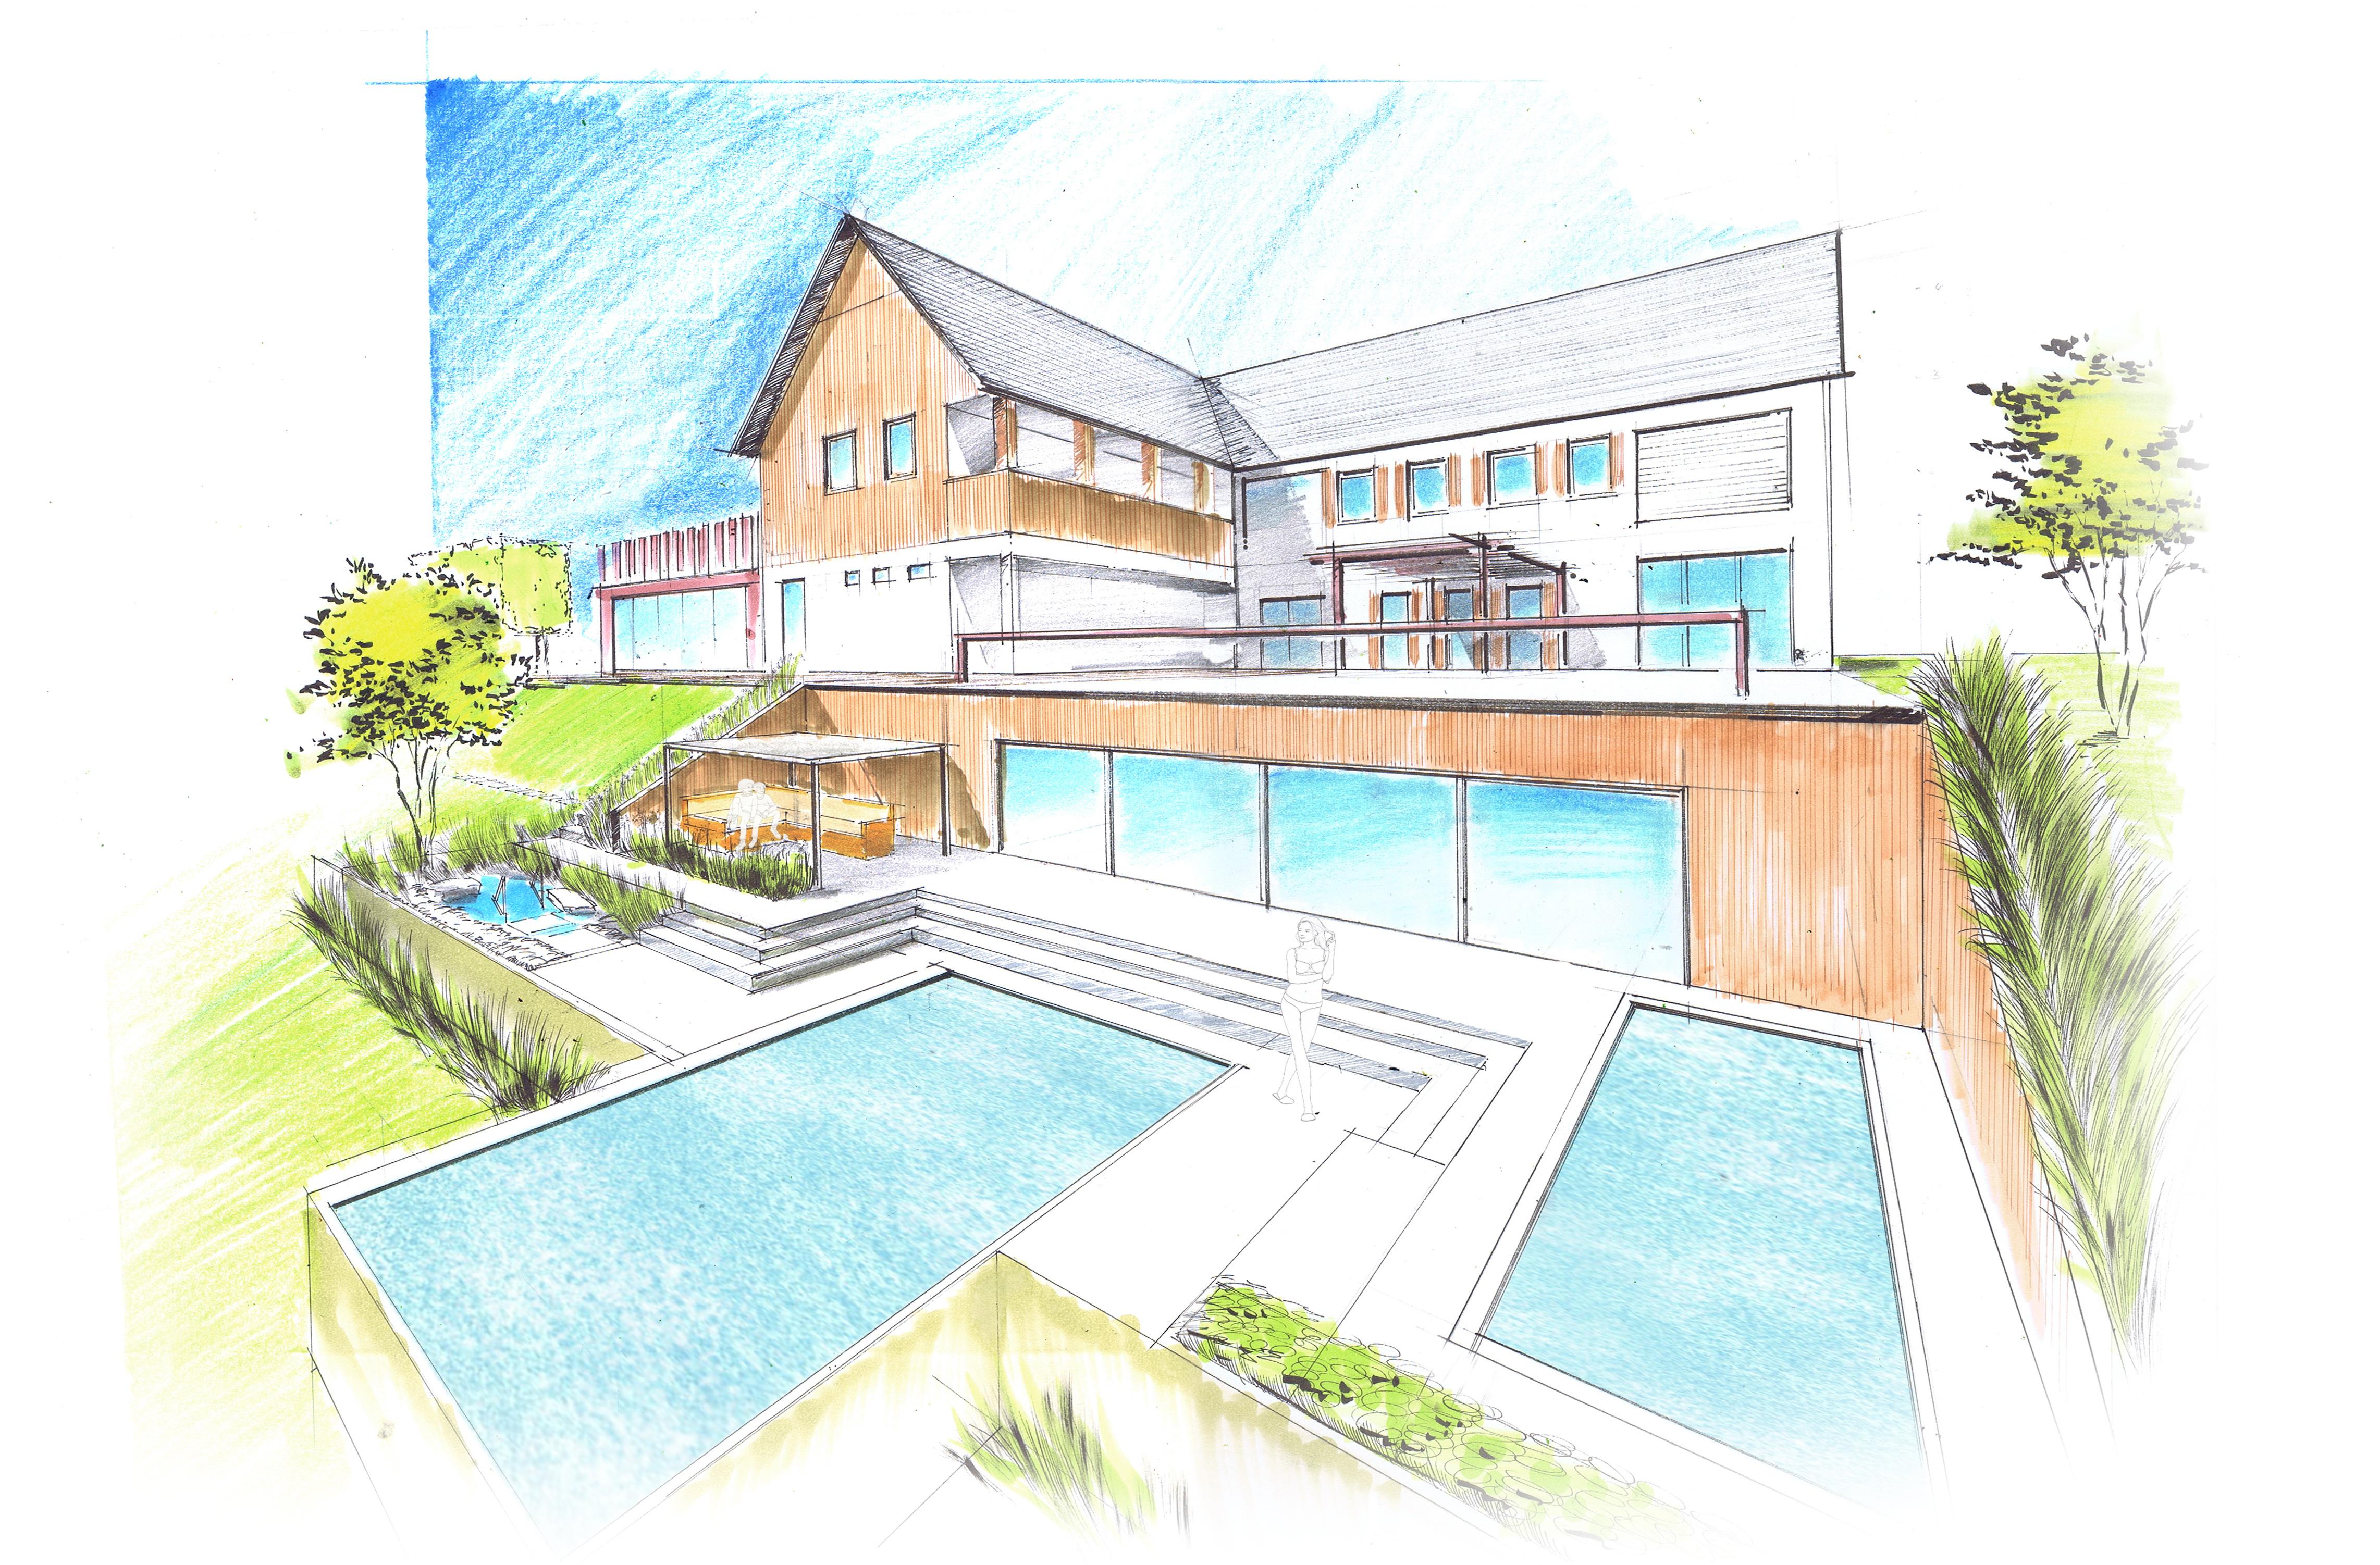 gartenplan mit pool, perspektiven zeichnen – nullkommaneun, Design ideen